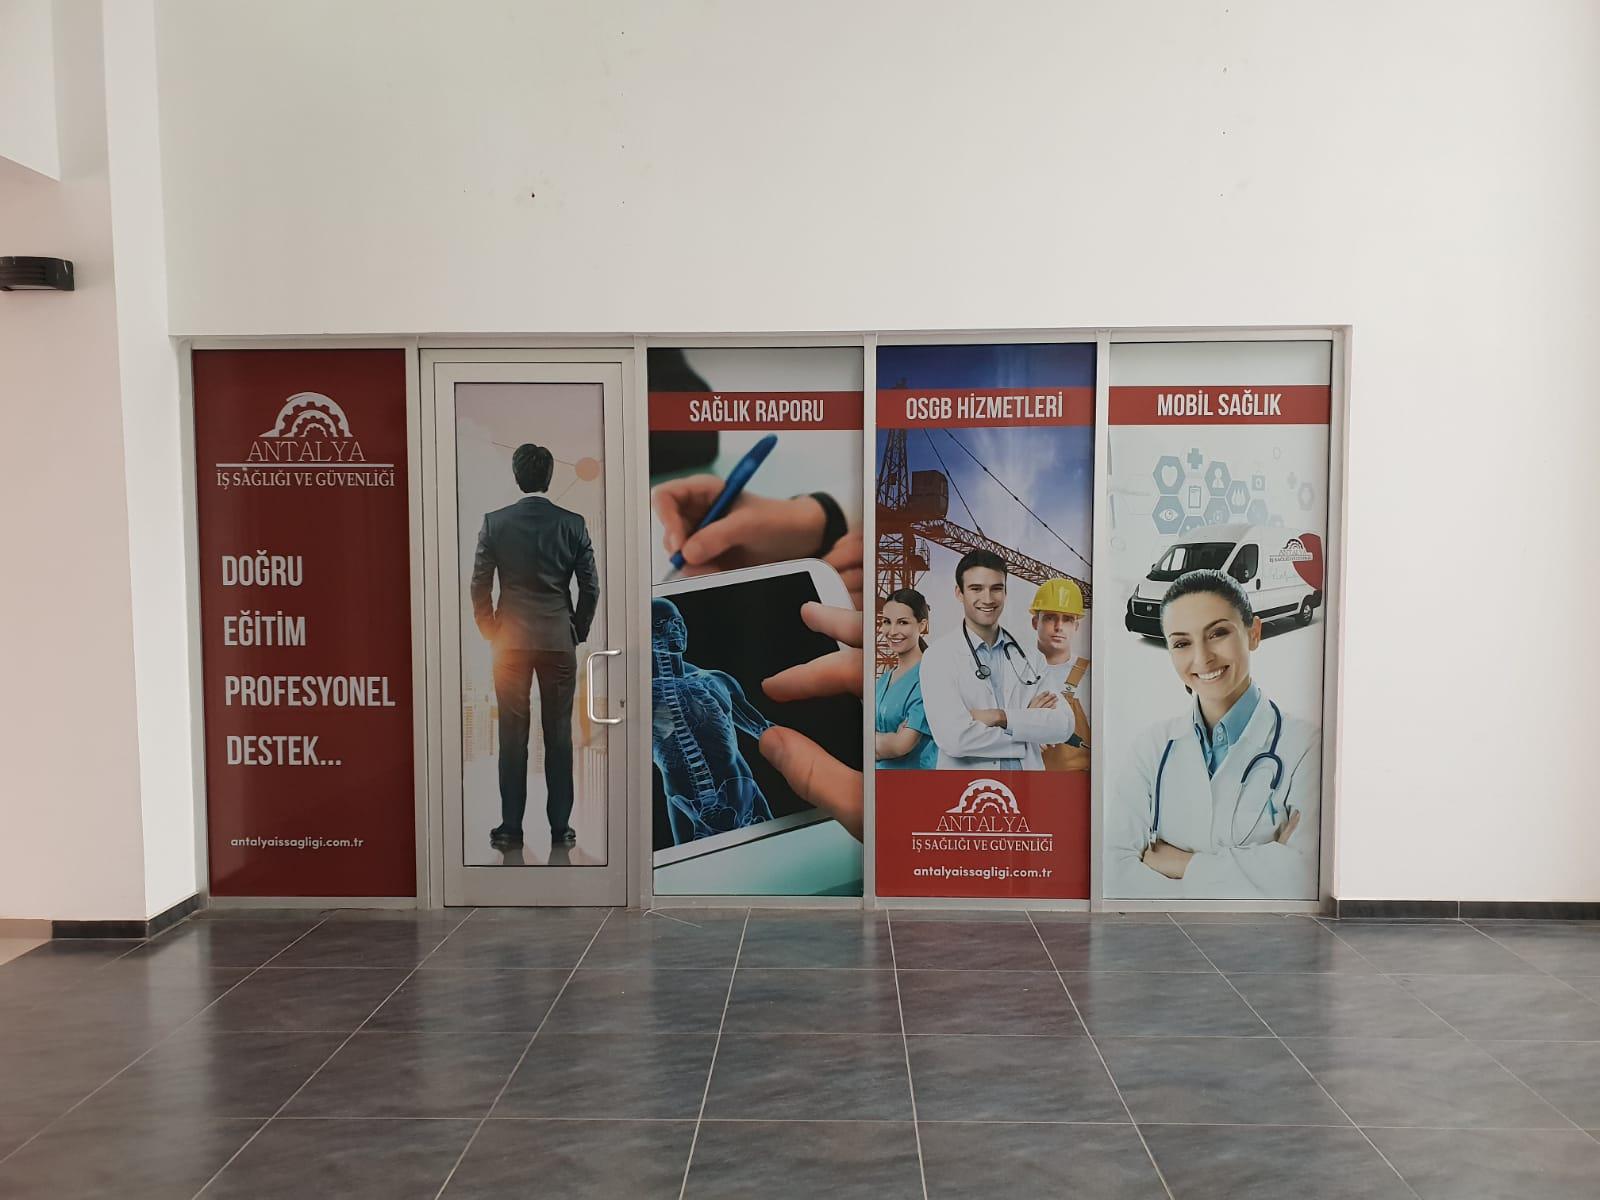 Antalya İş Sağlığı Ve Güvenliği